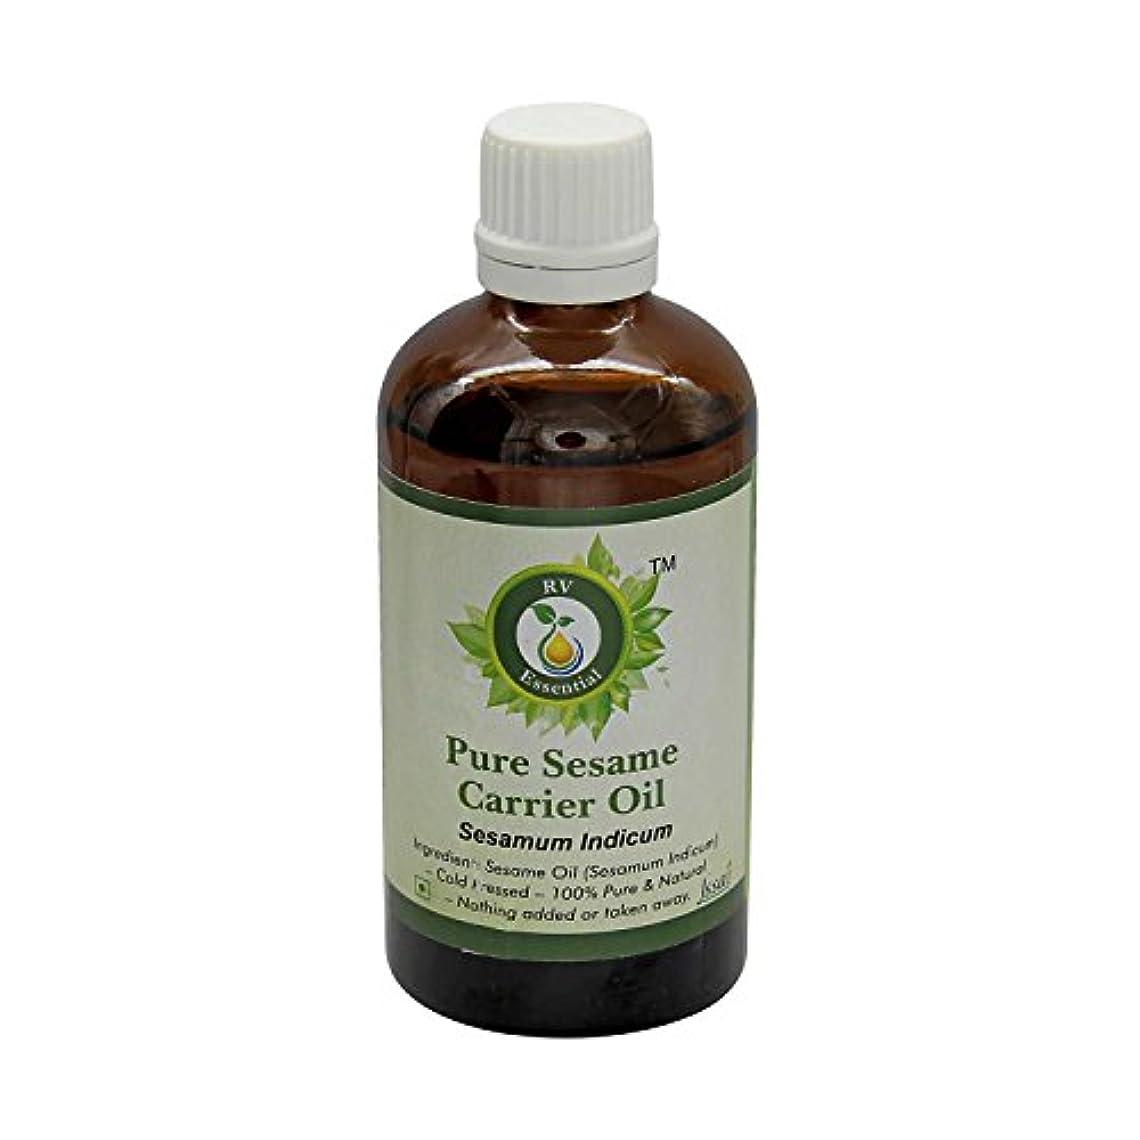 再現する可能性関連するR V Essential 純粋なごま油15ml (0.507oz)- Sesamum Indicum (100%ピュア&ナチュラルコールドPressed) Pure Sesame Carrier Oil